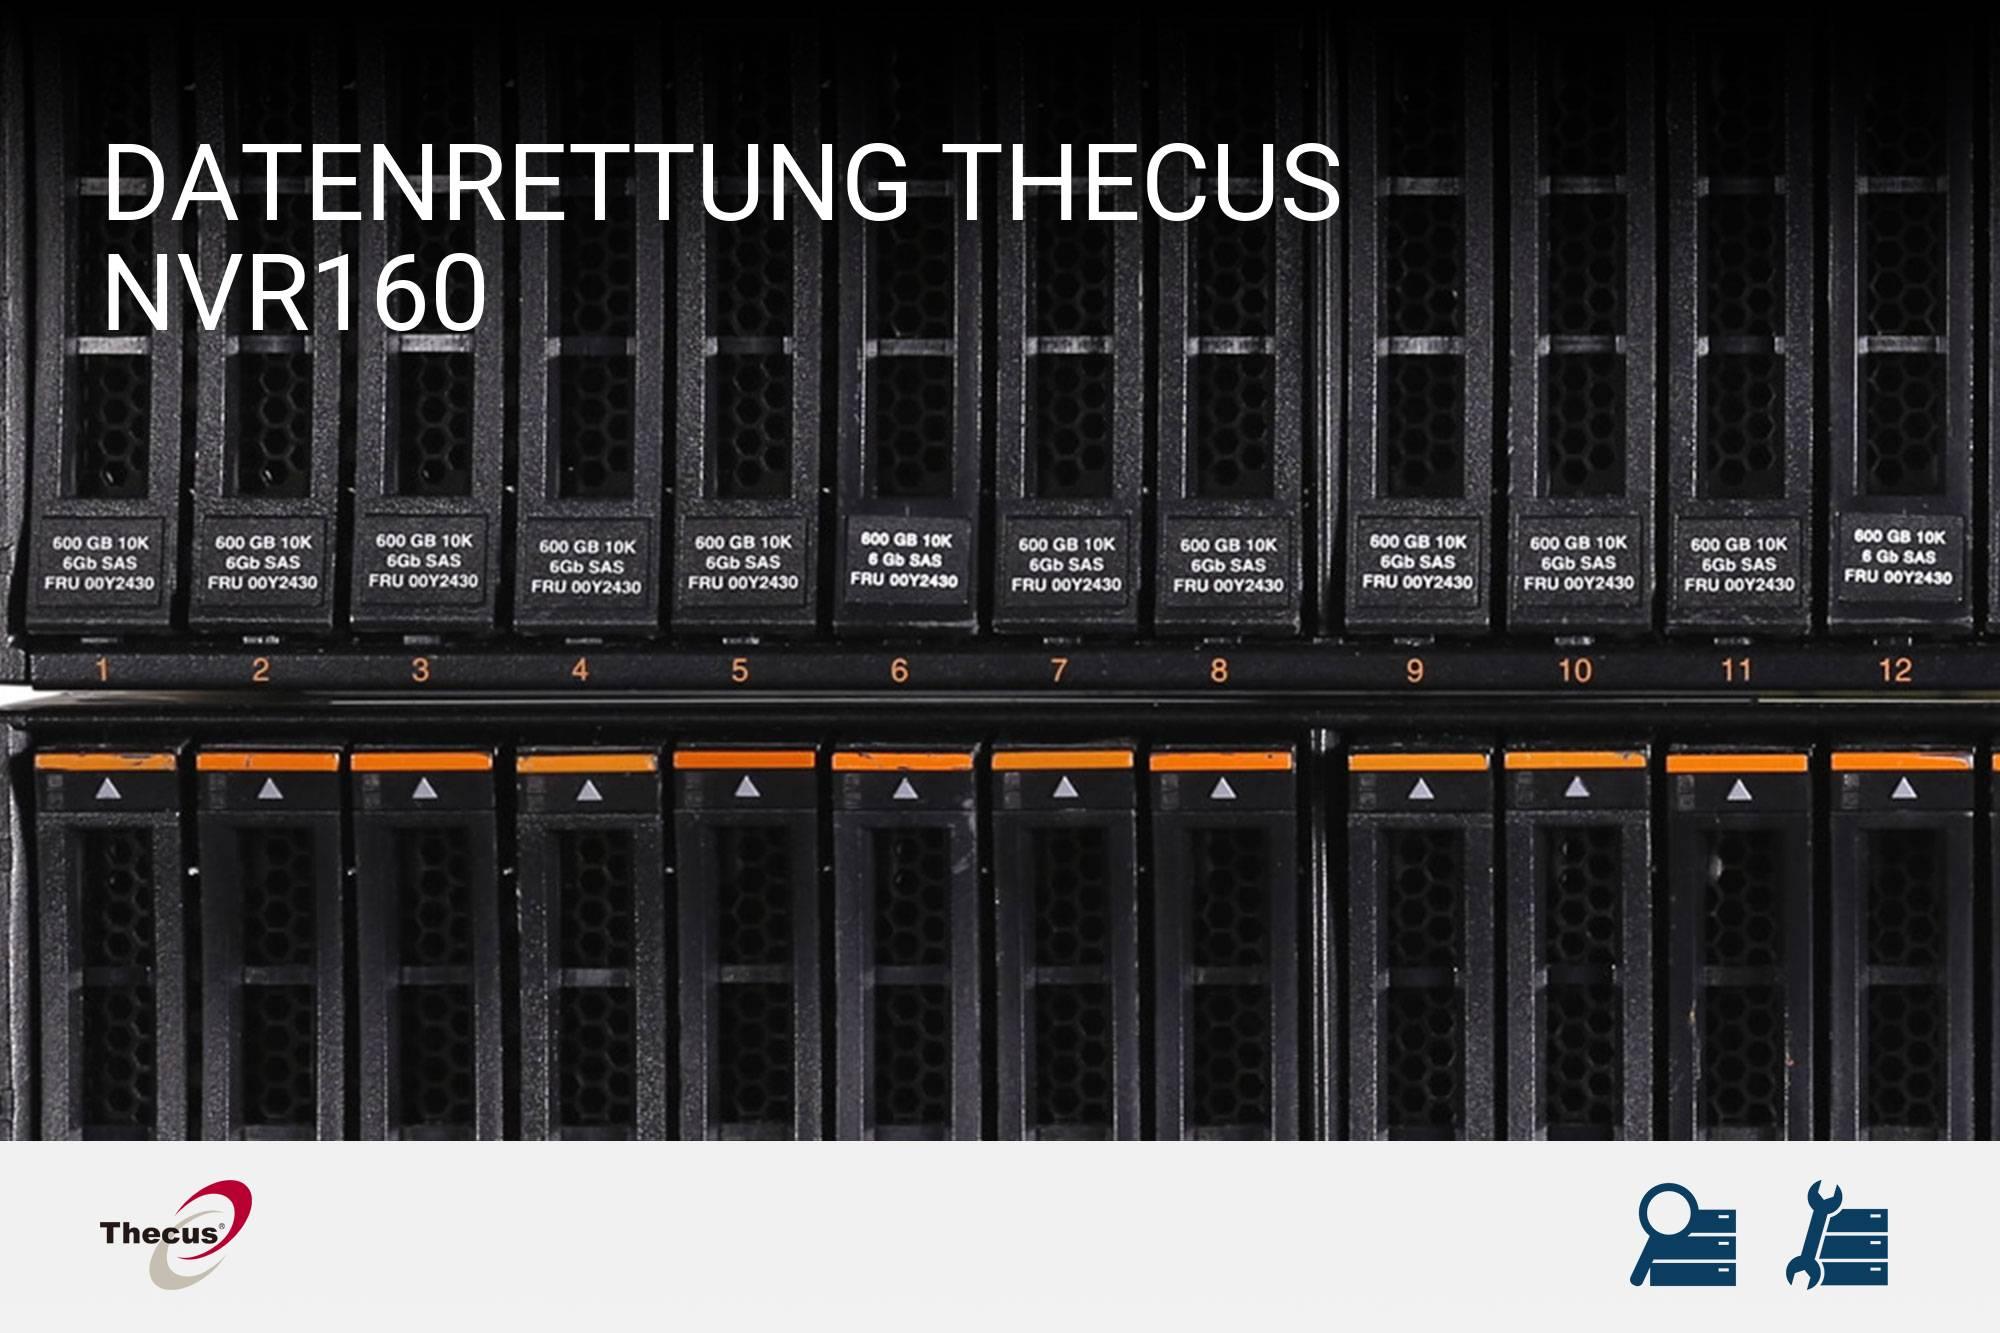 Thecus NVR160